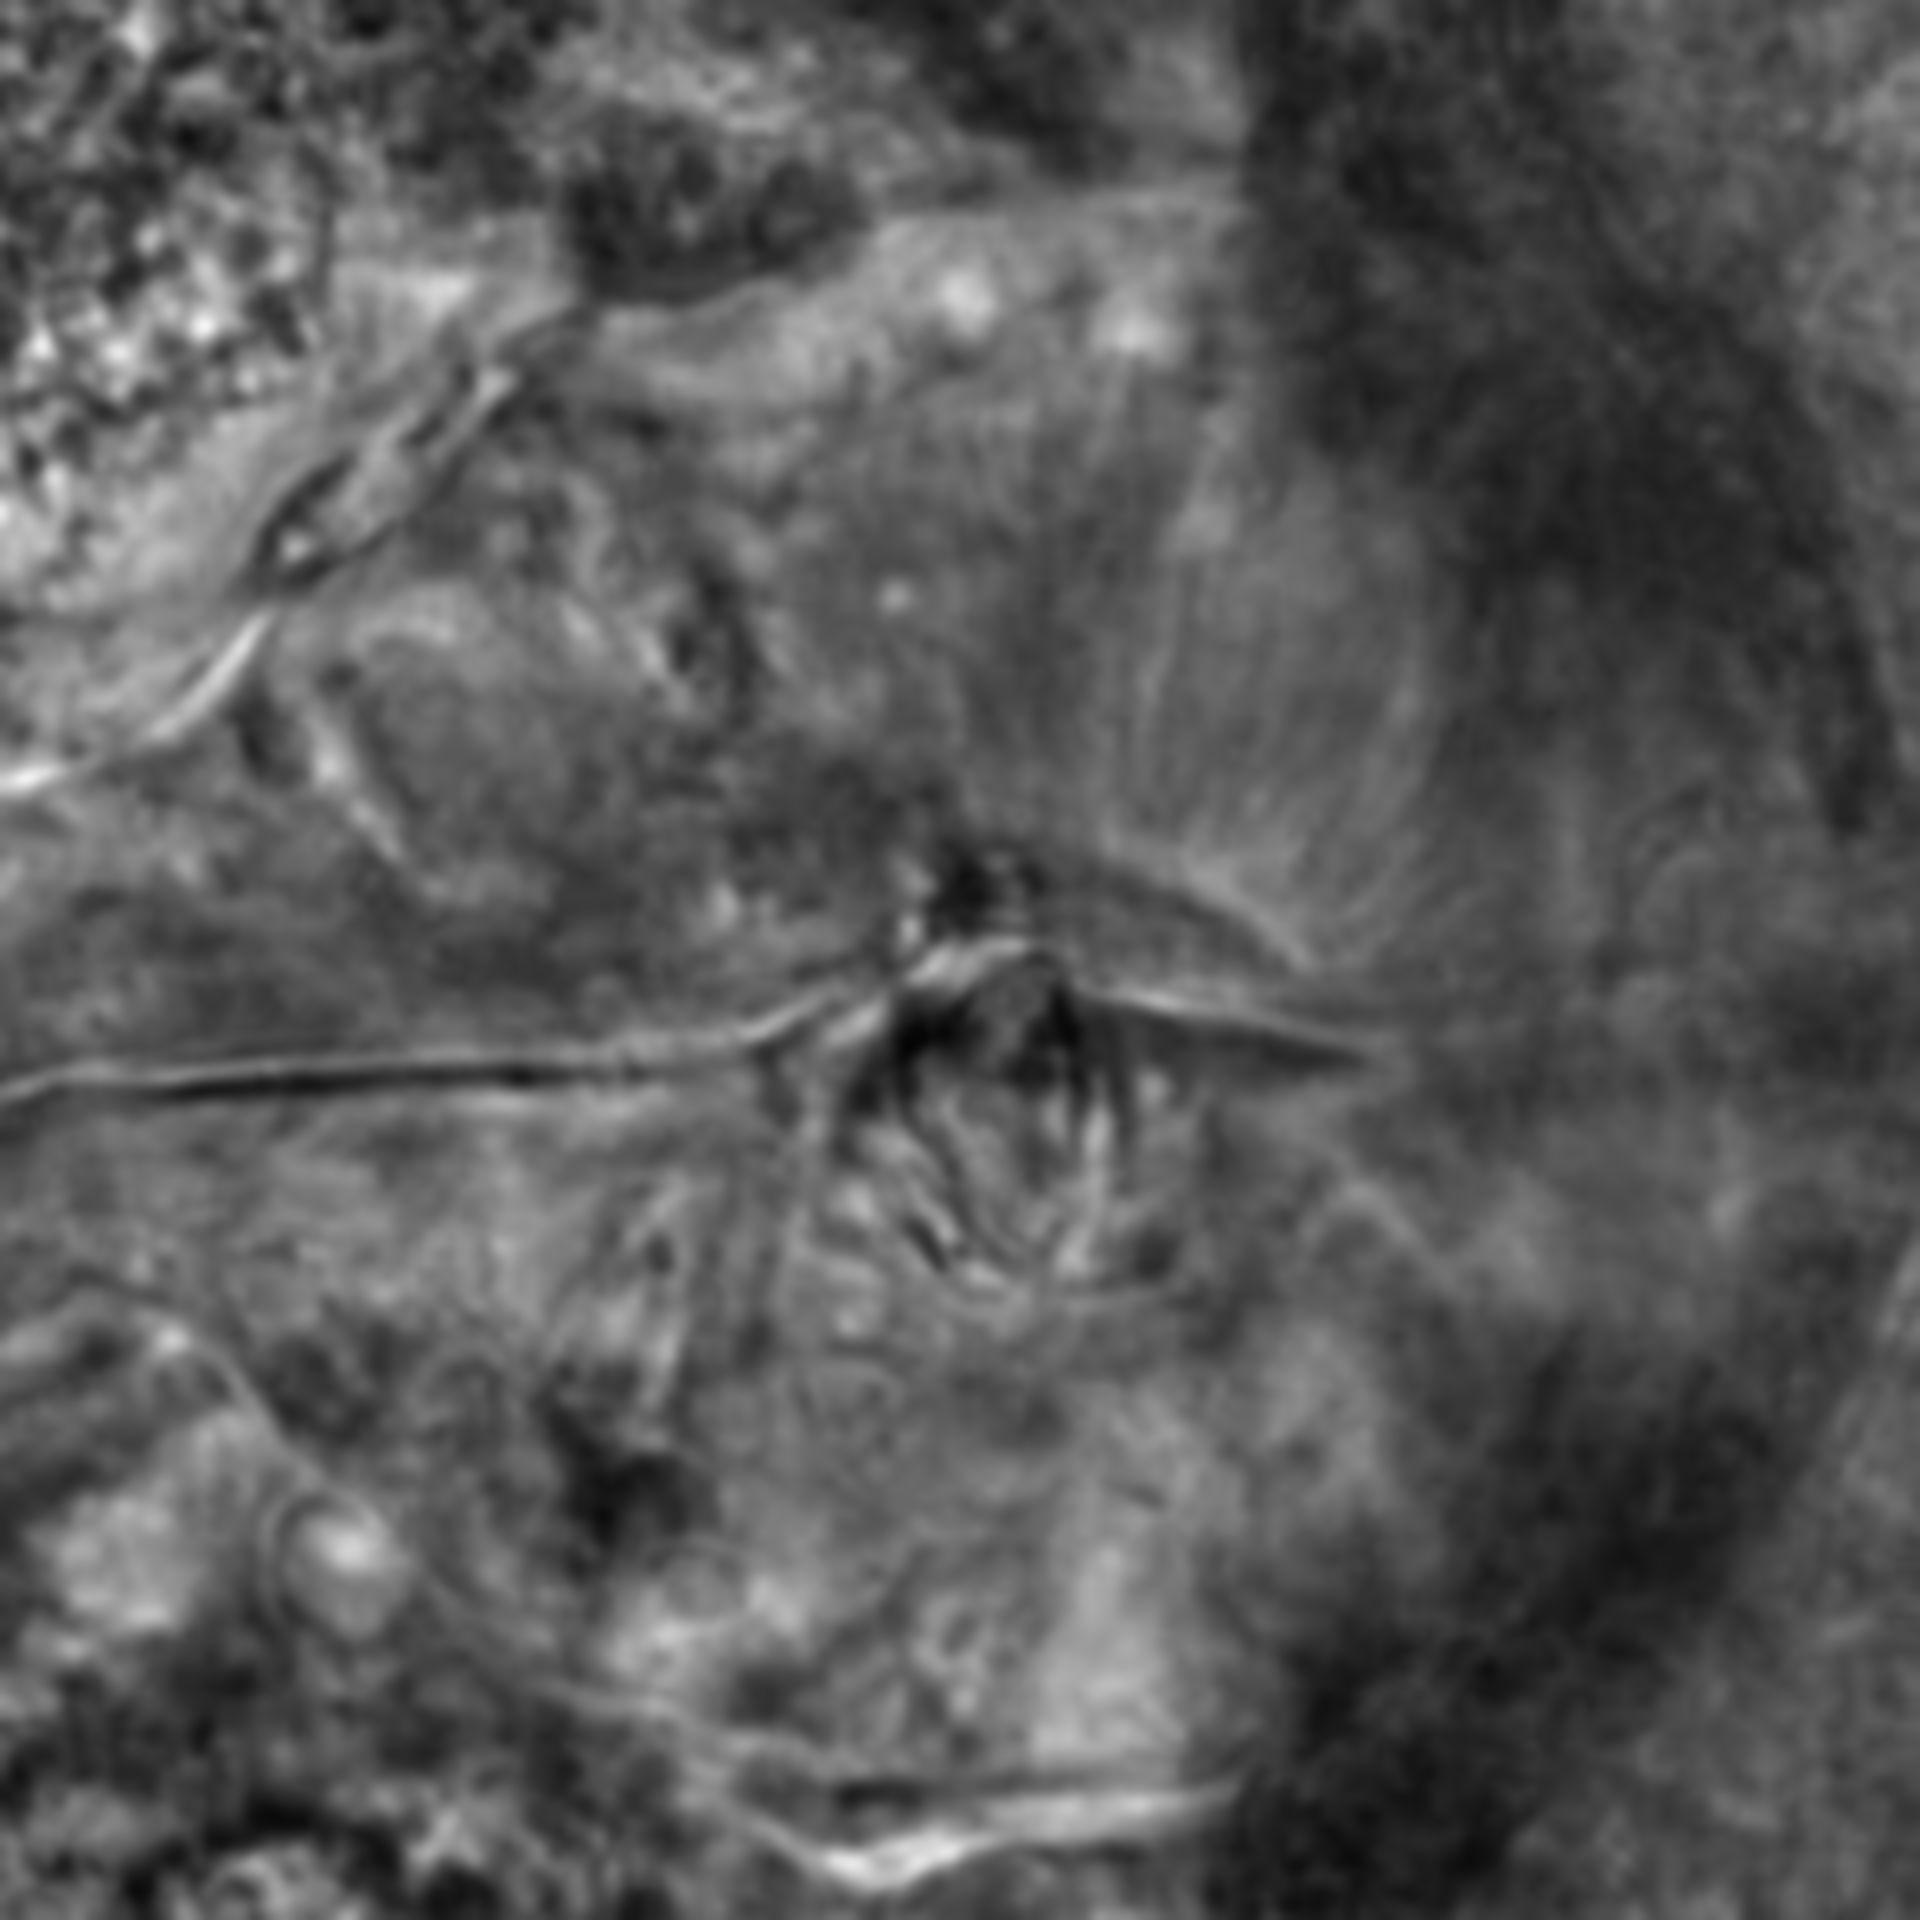 Caenorhabditis elegans - CIL:2545